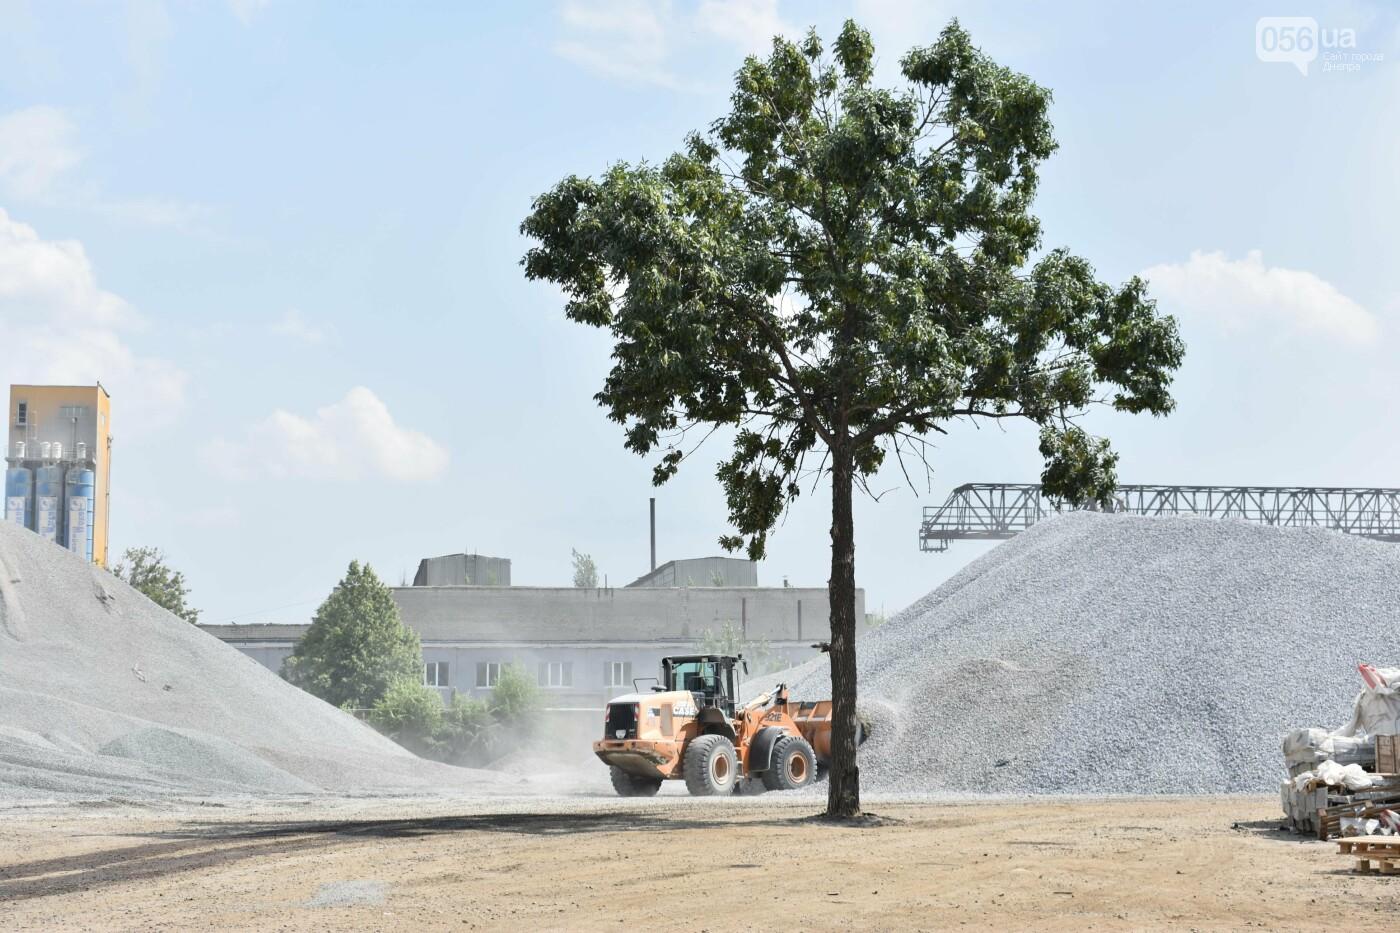 Ради ремонта дороги в Днепре и области построили самый мощный асфальтобетонный завод во всей Европе, - ФОТО, фото-4